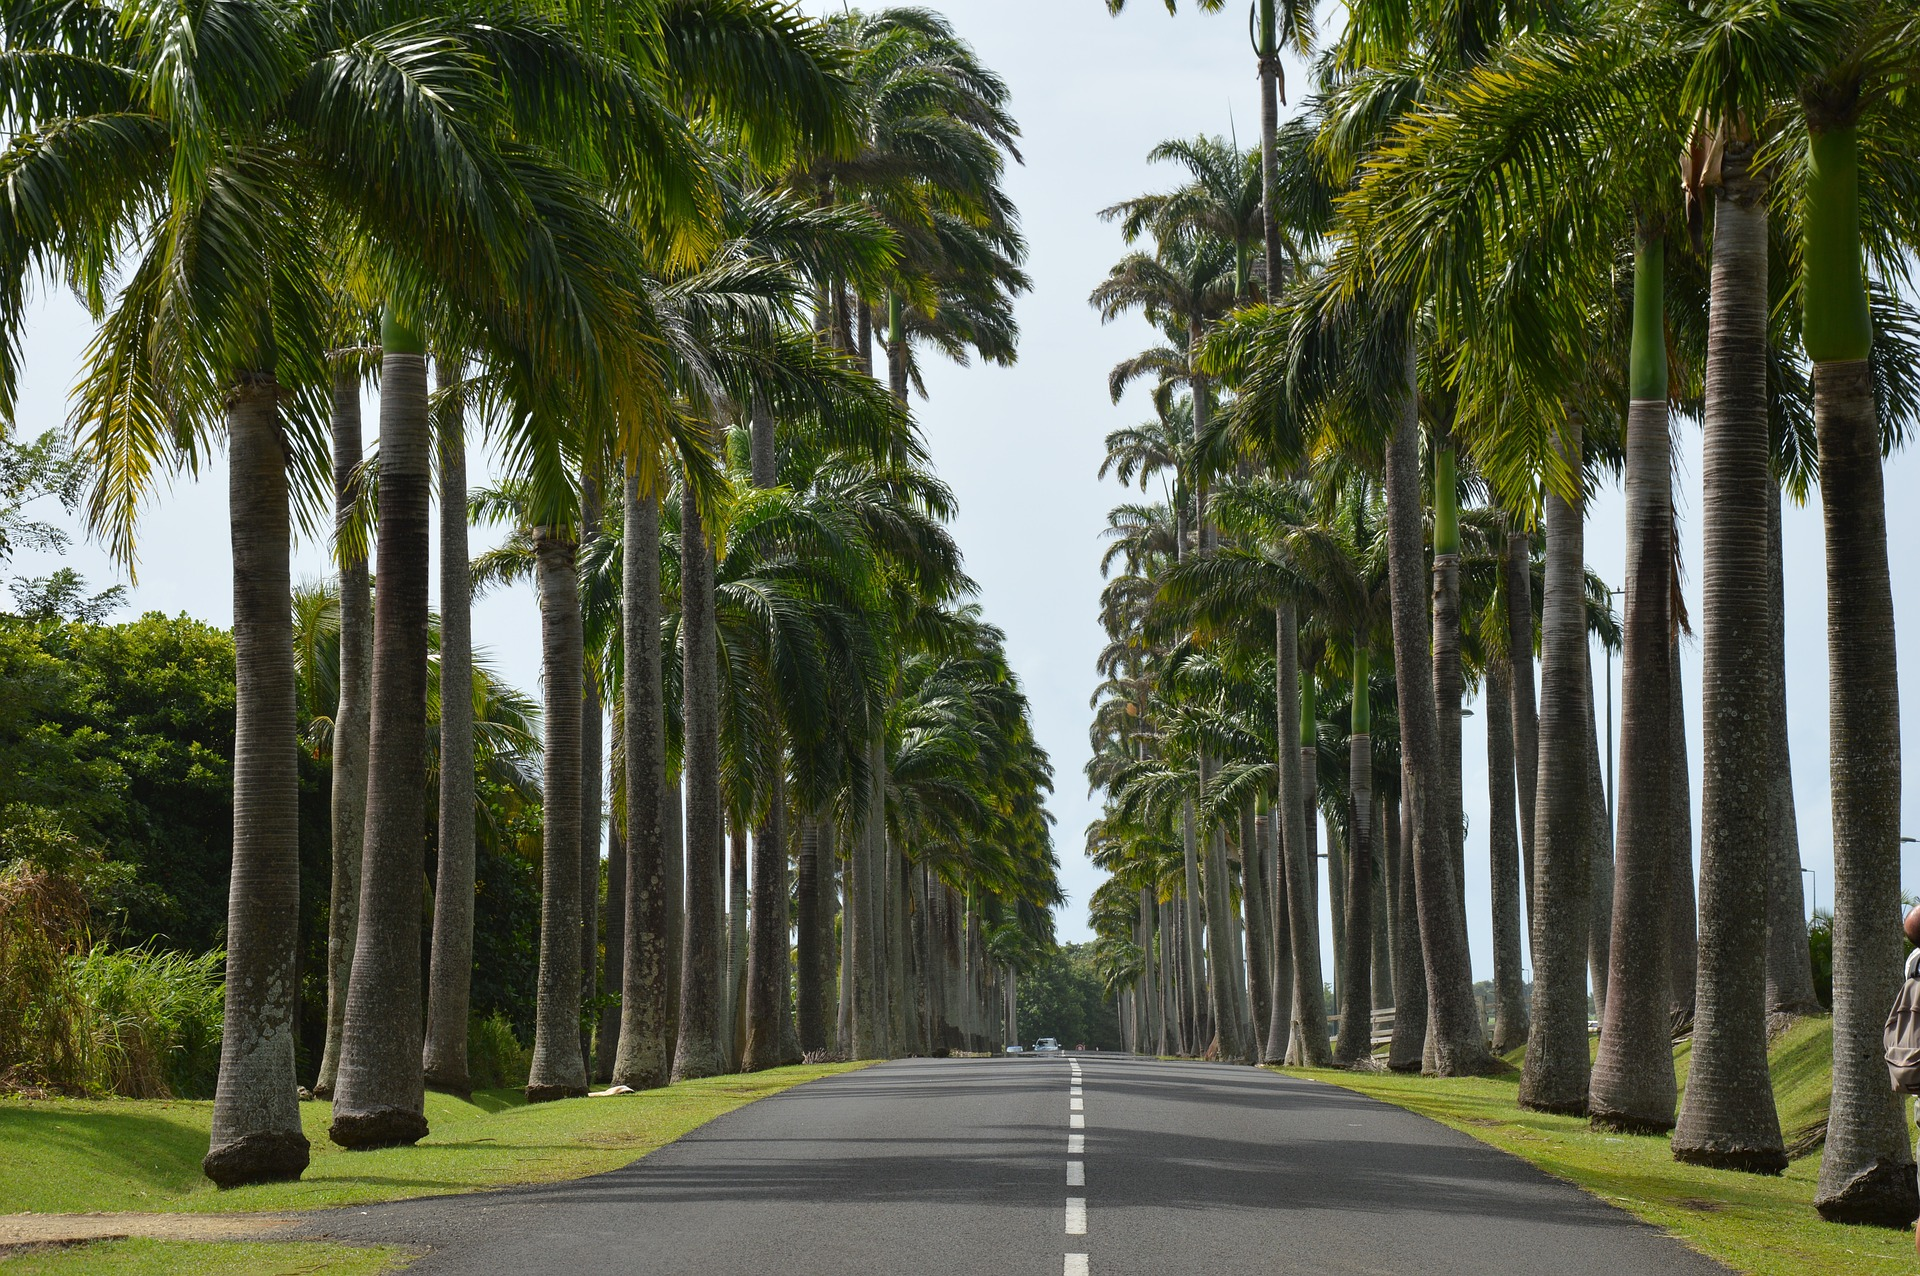 louer une voiture en Guadeloupe